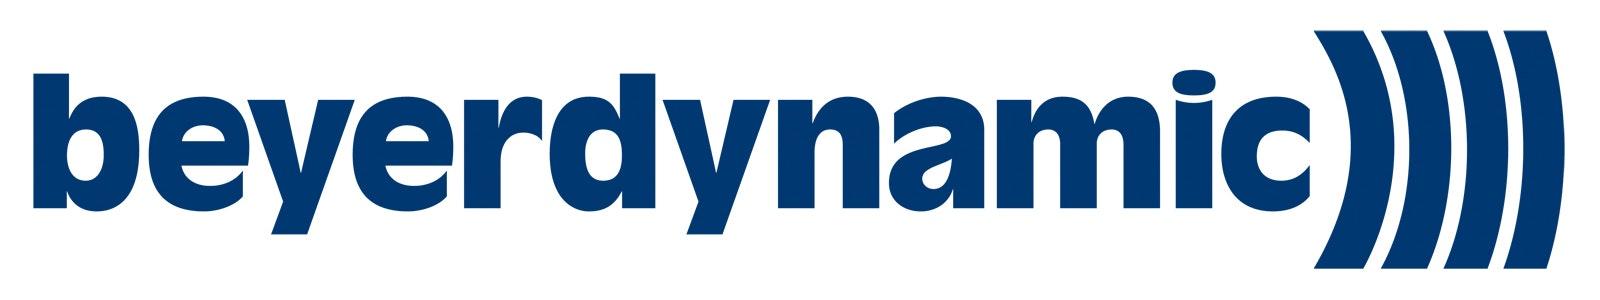 beyerdynamic Premium Headphones - Buy Premium Head Phones in our online shop